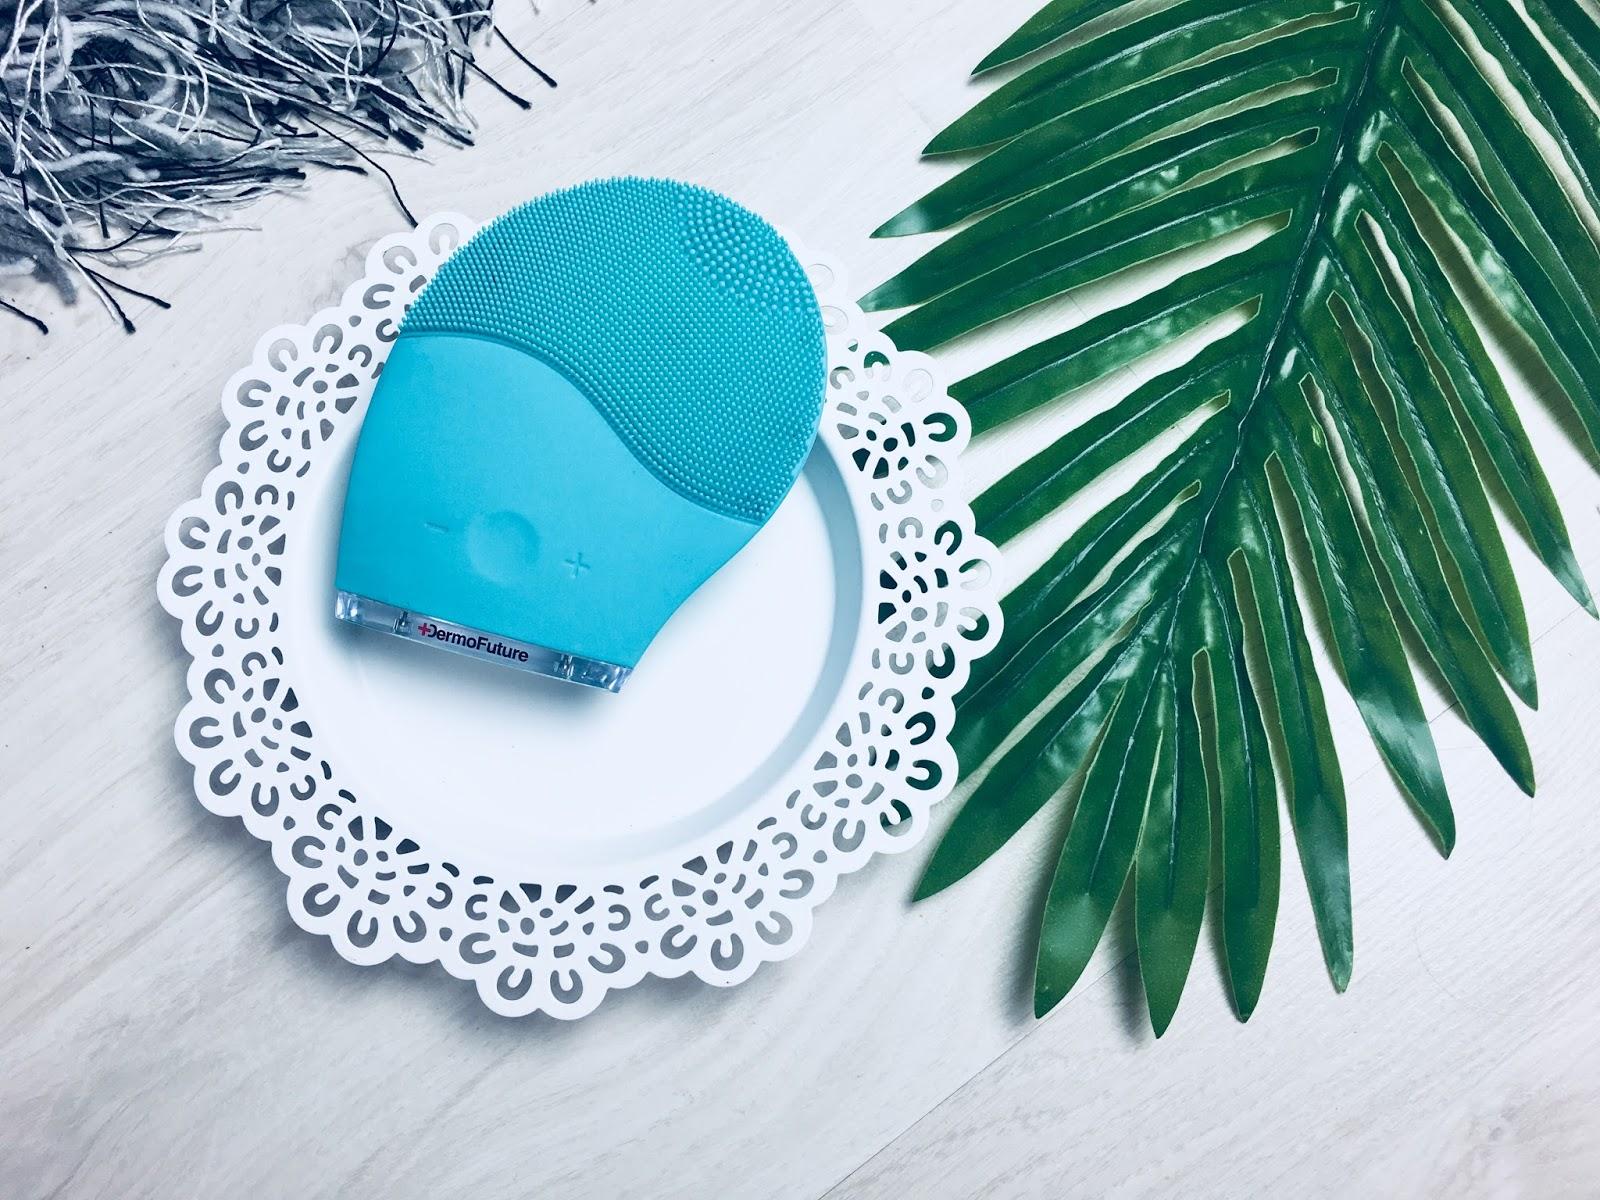 DermoFuture - soniczna szczoteczka    Czy warto zainwestować w urządzenie do oczyszczania twarzy?